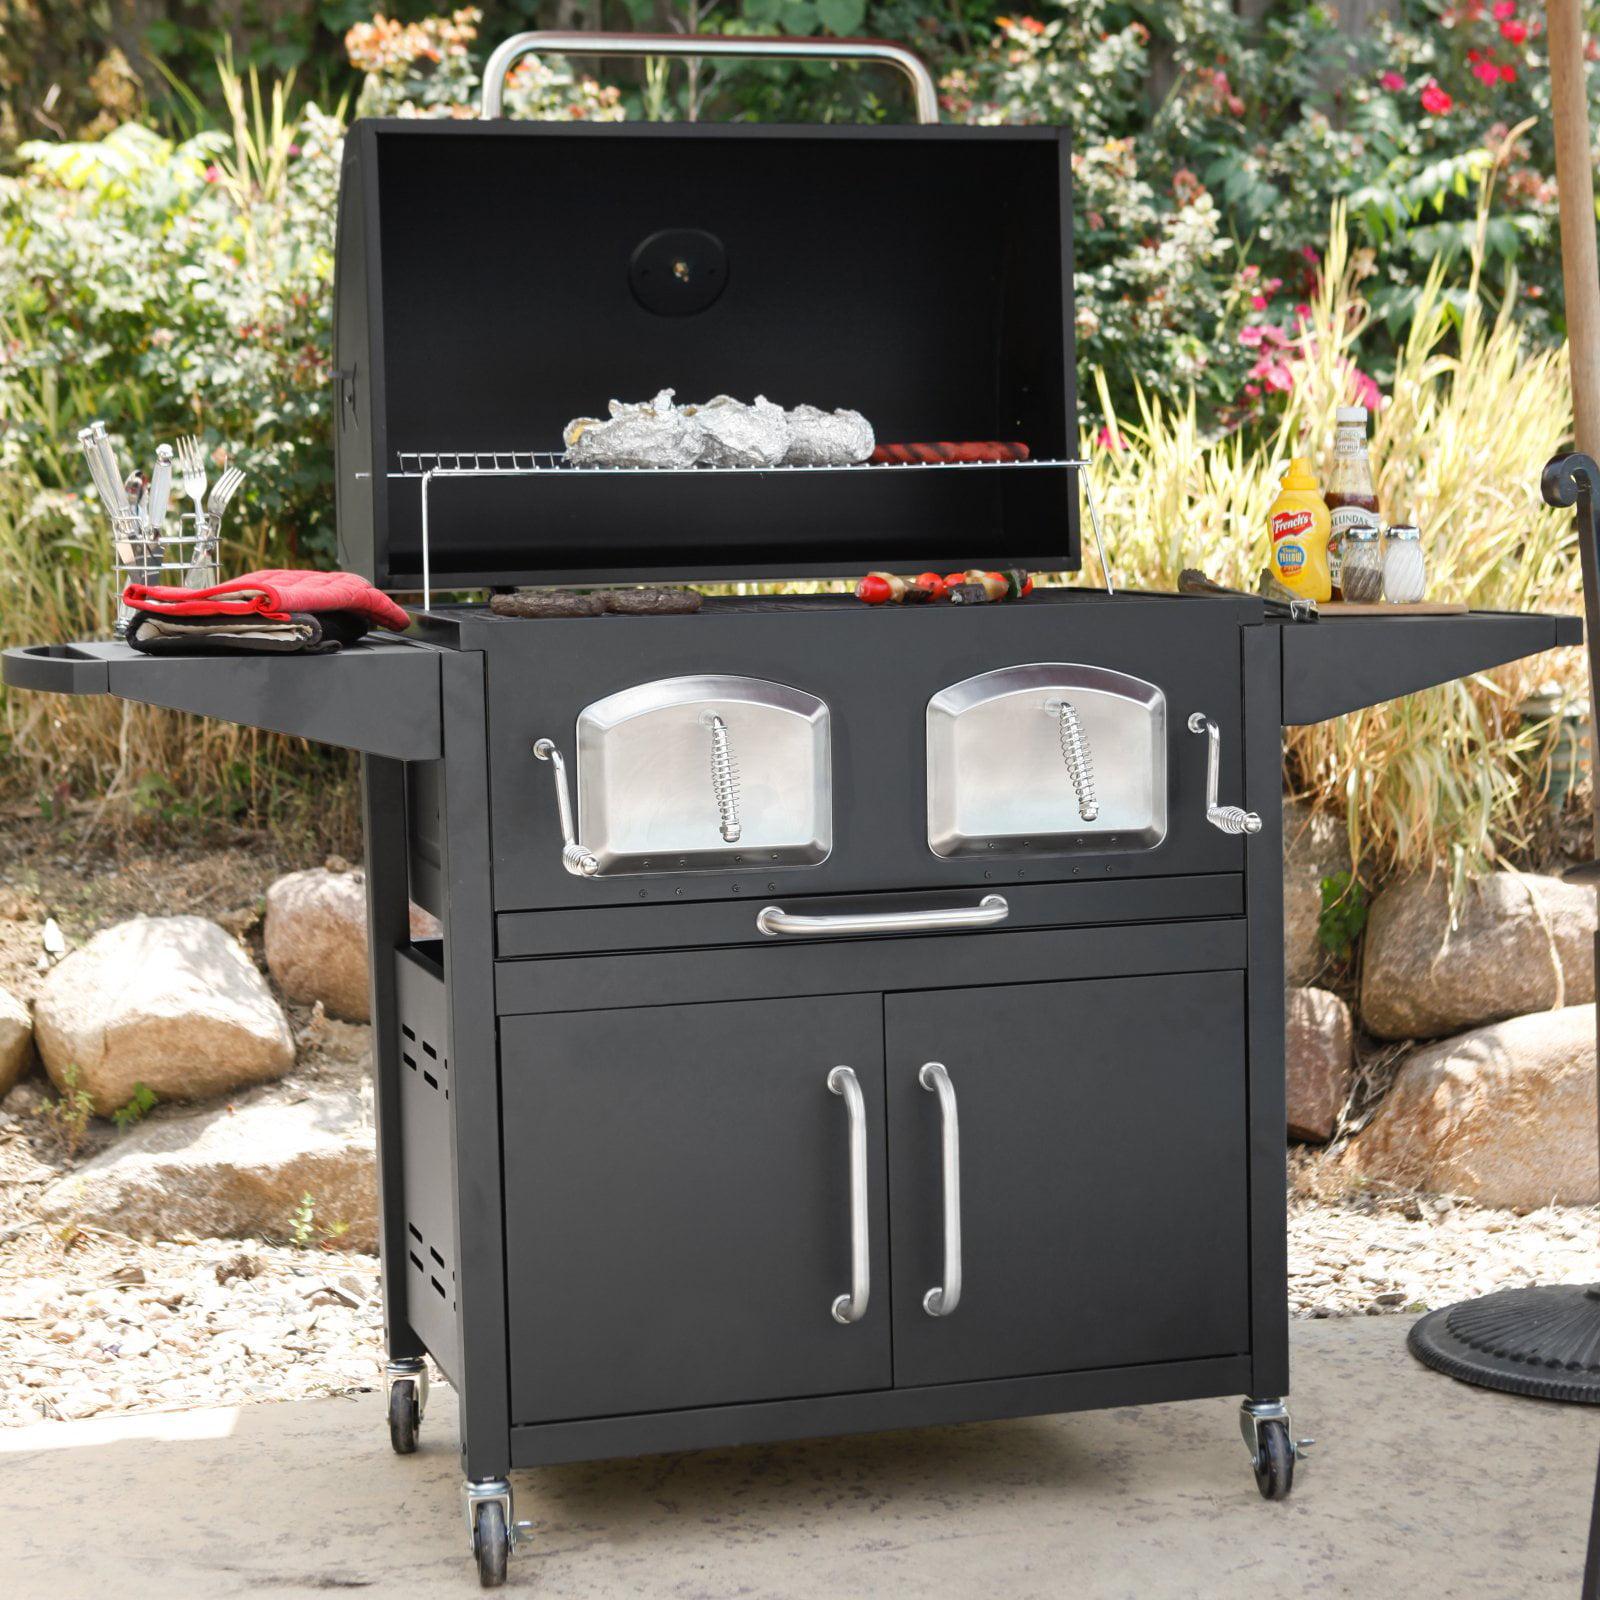 Landmann Smoky Mountain Bravo Premium Charcoal Grill Walmart